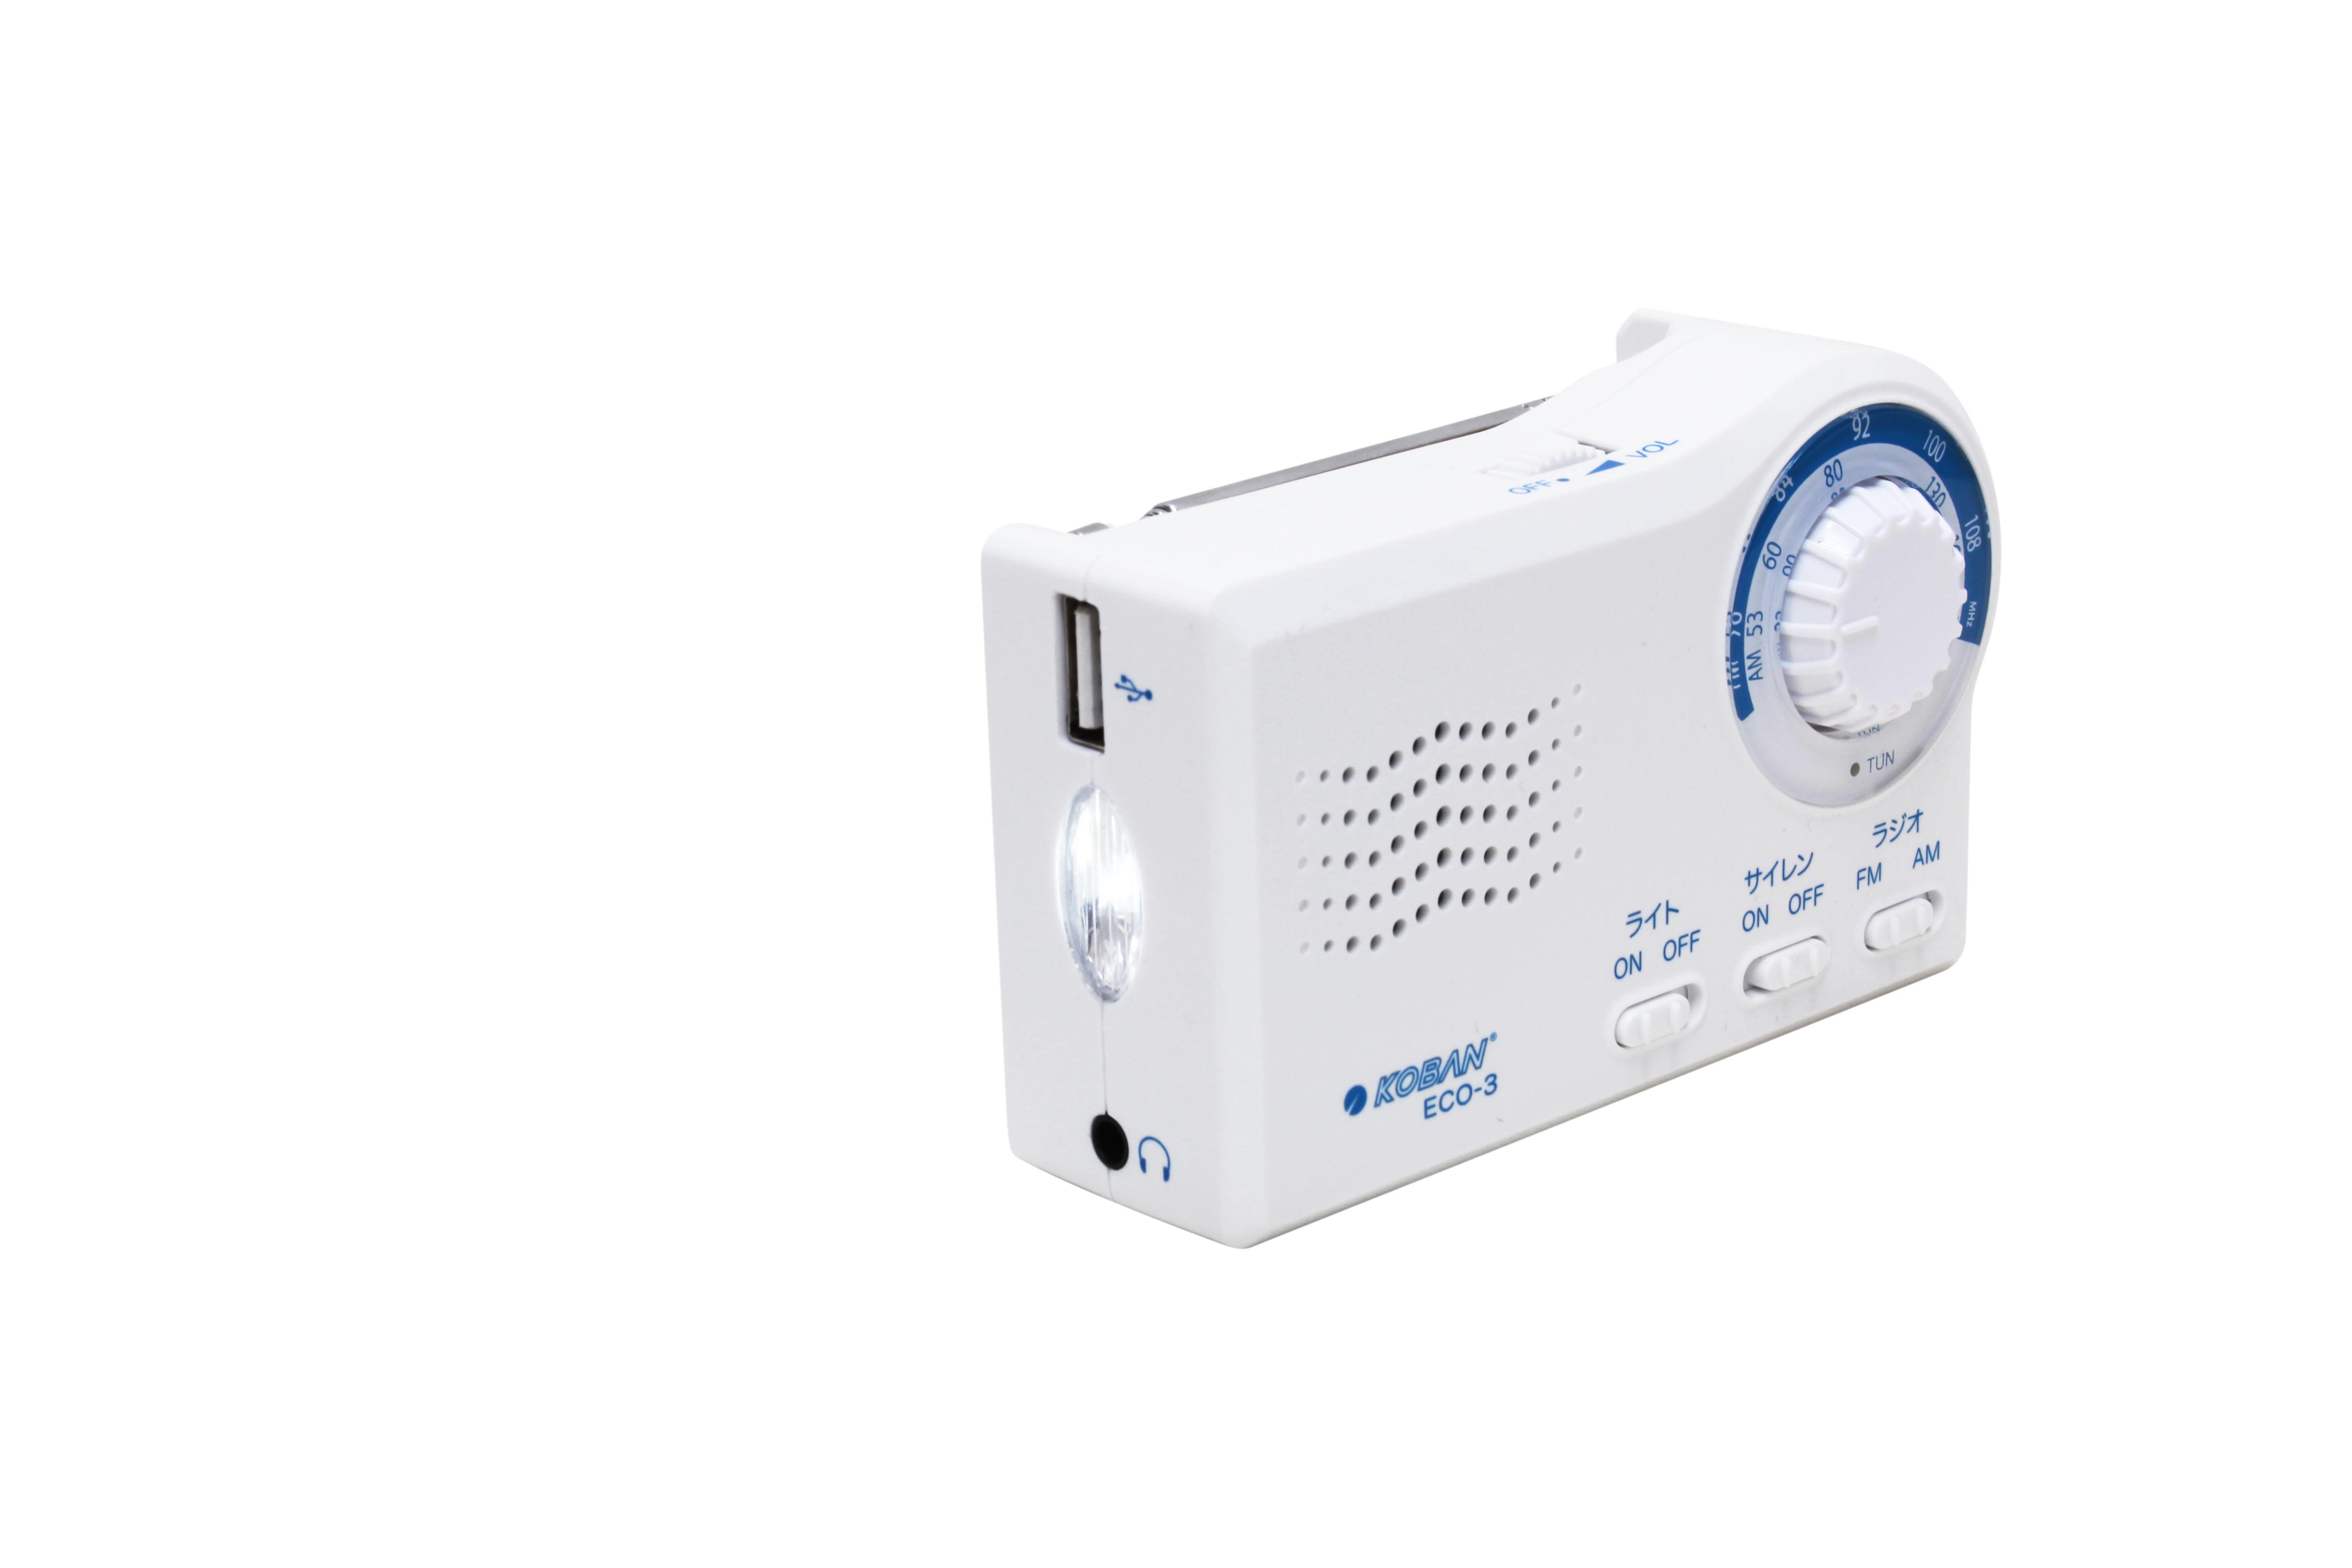 【太知ホールディングス】備蓄ラジオライト